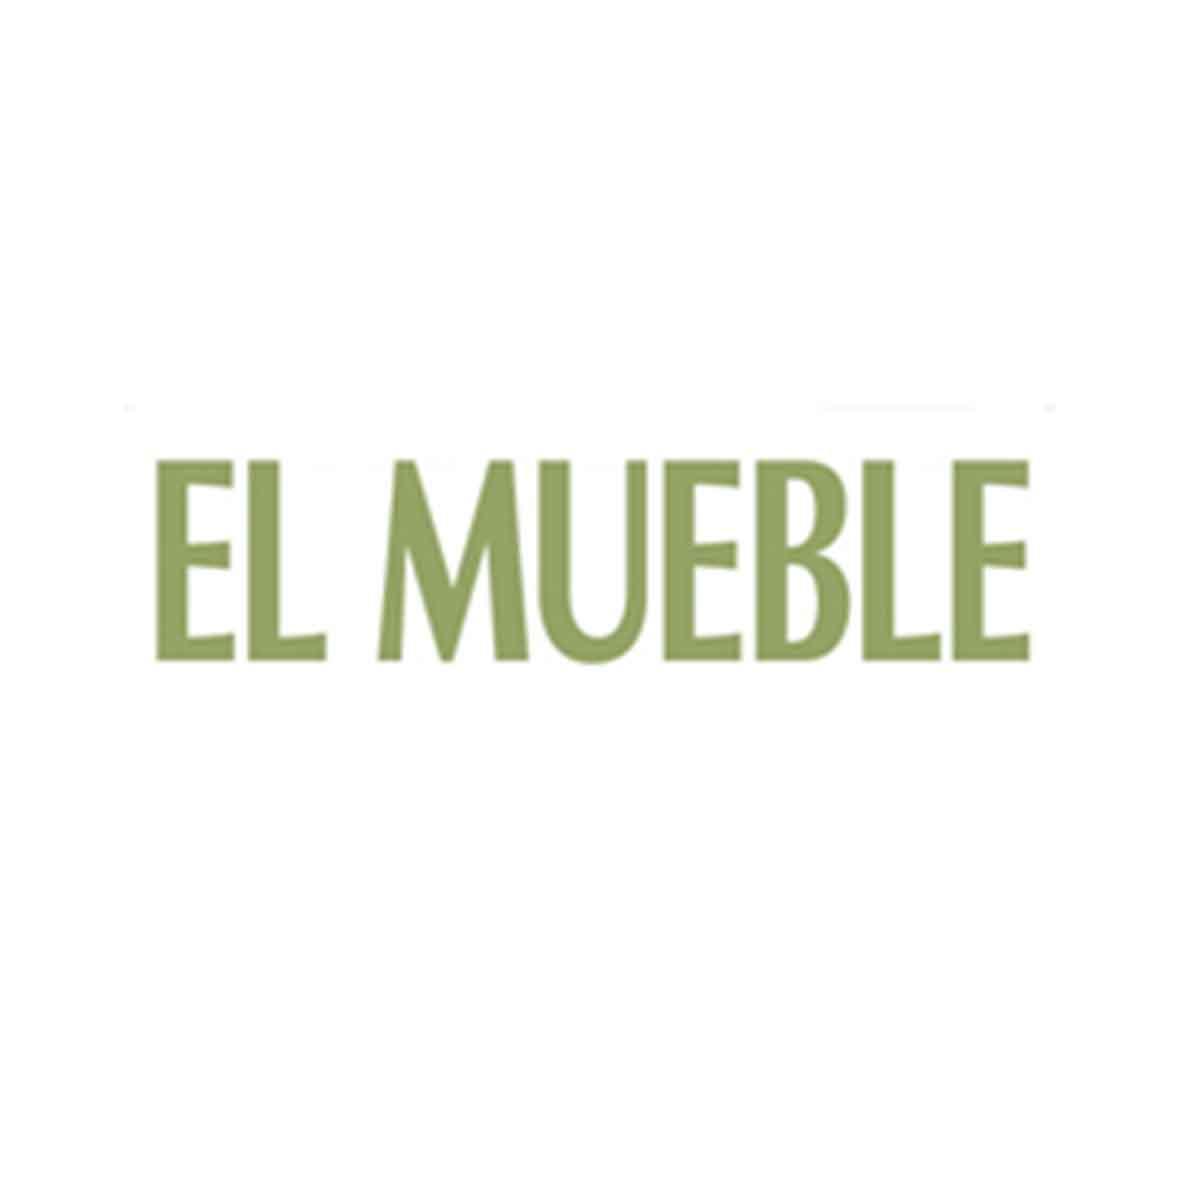 Prensa alicia mesa dise adora de interiores y for El mueble online